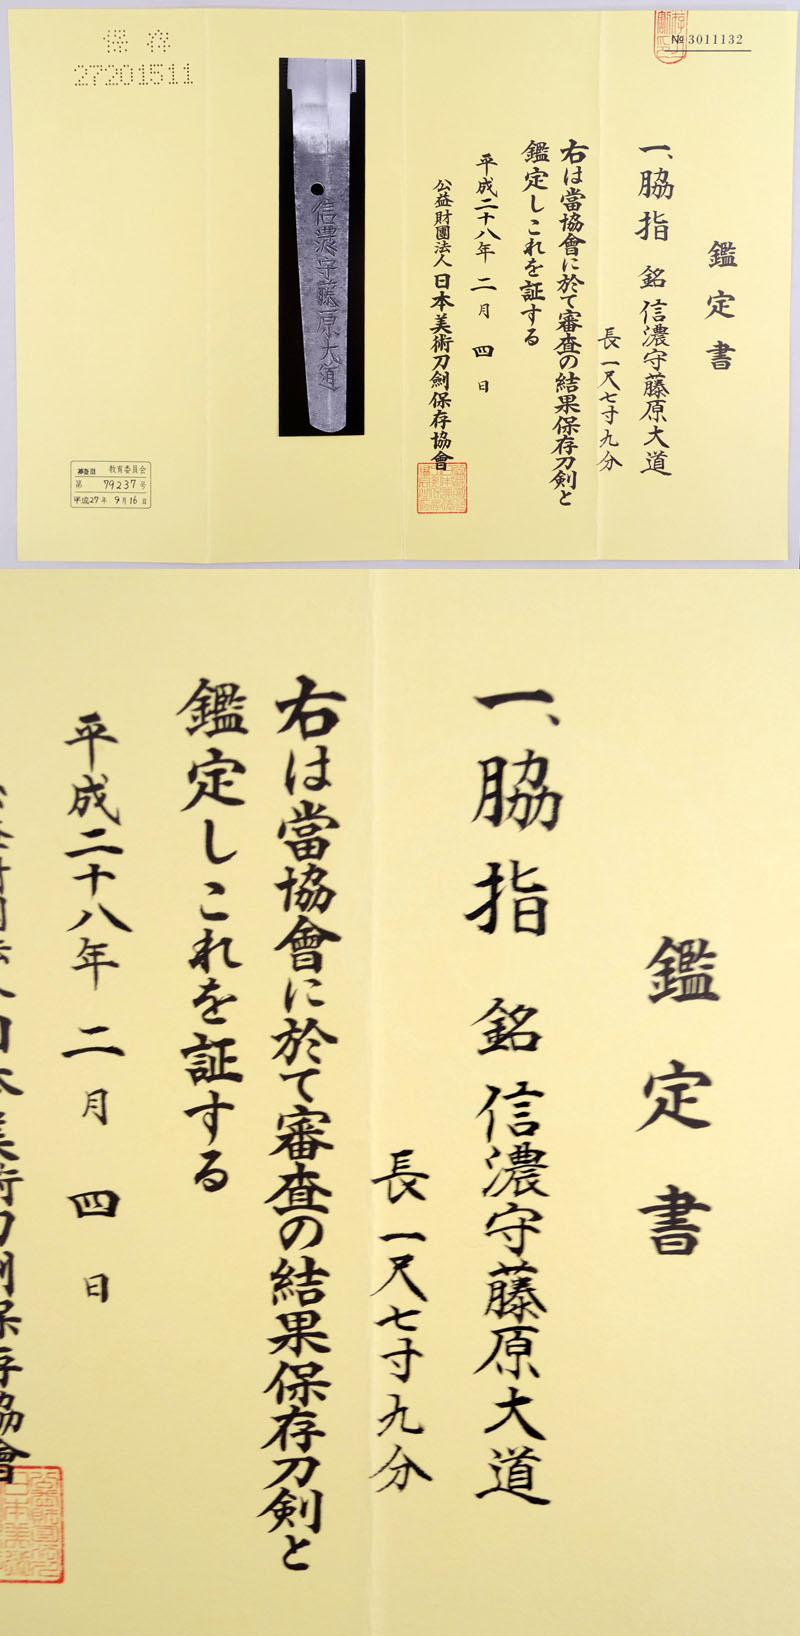 信濃守藤原大道 (児手柏) Picture of Certificate